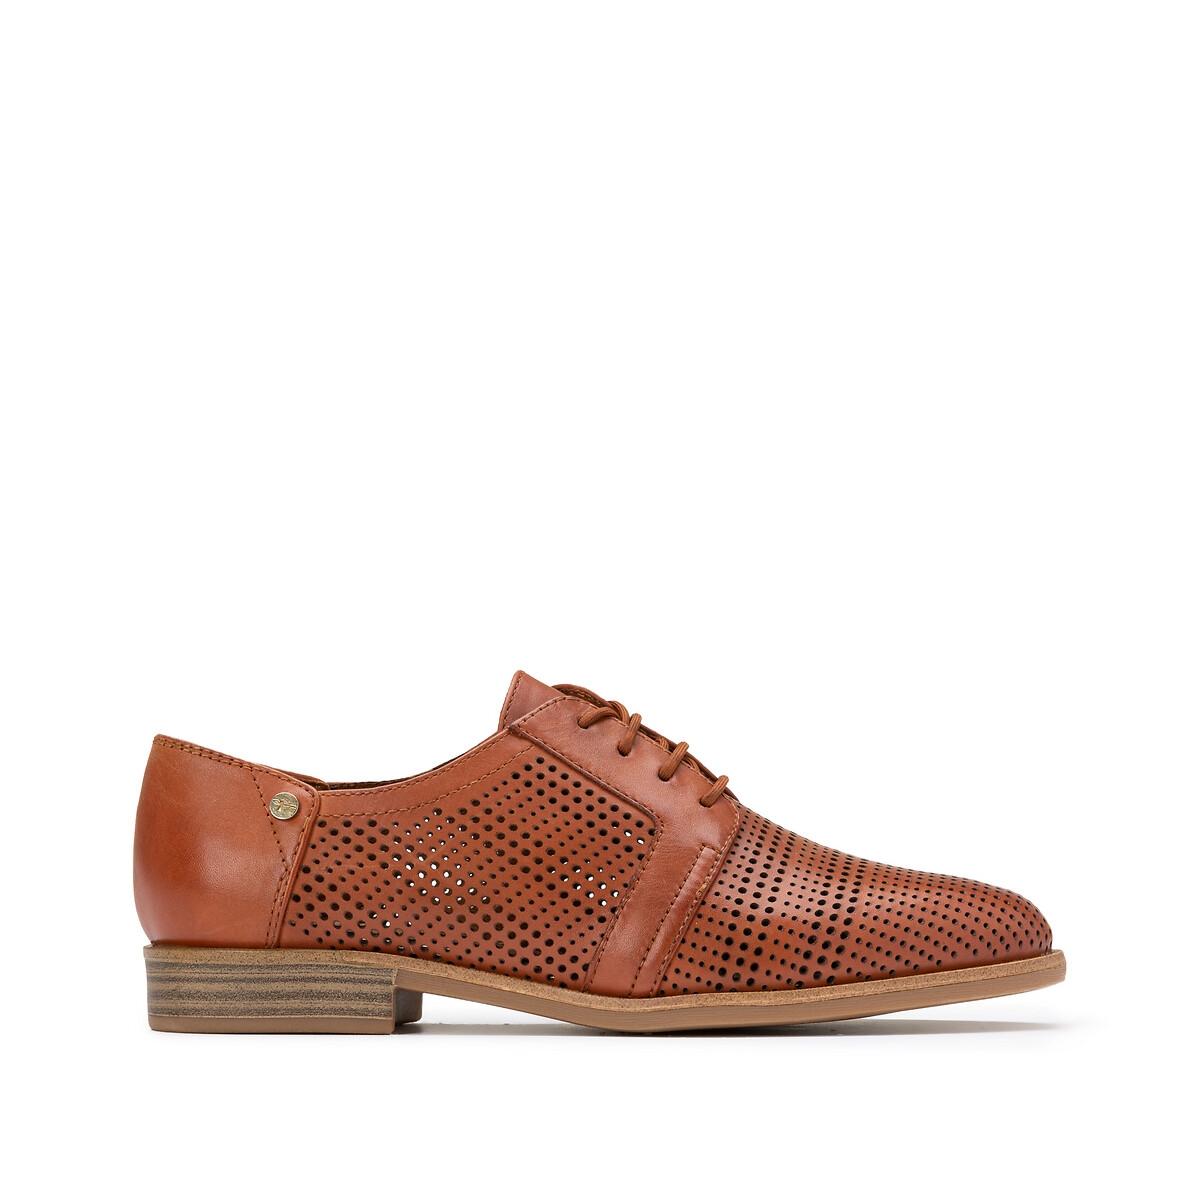 Ботинки-дерби La Redoute Из ажурной кожи Lyna 40 каштановый